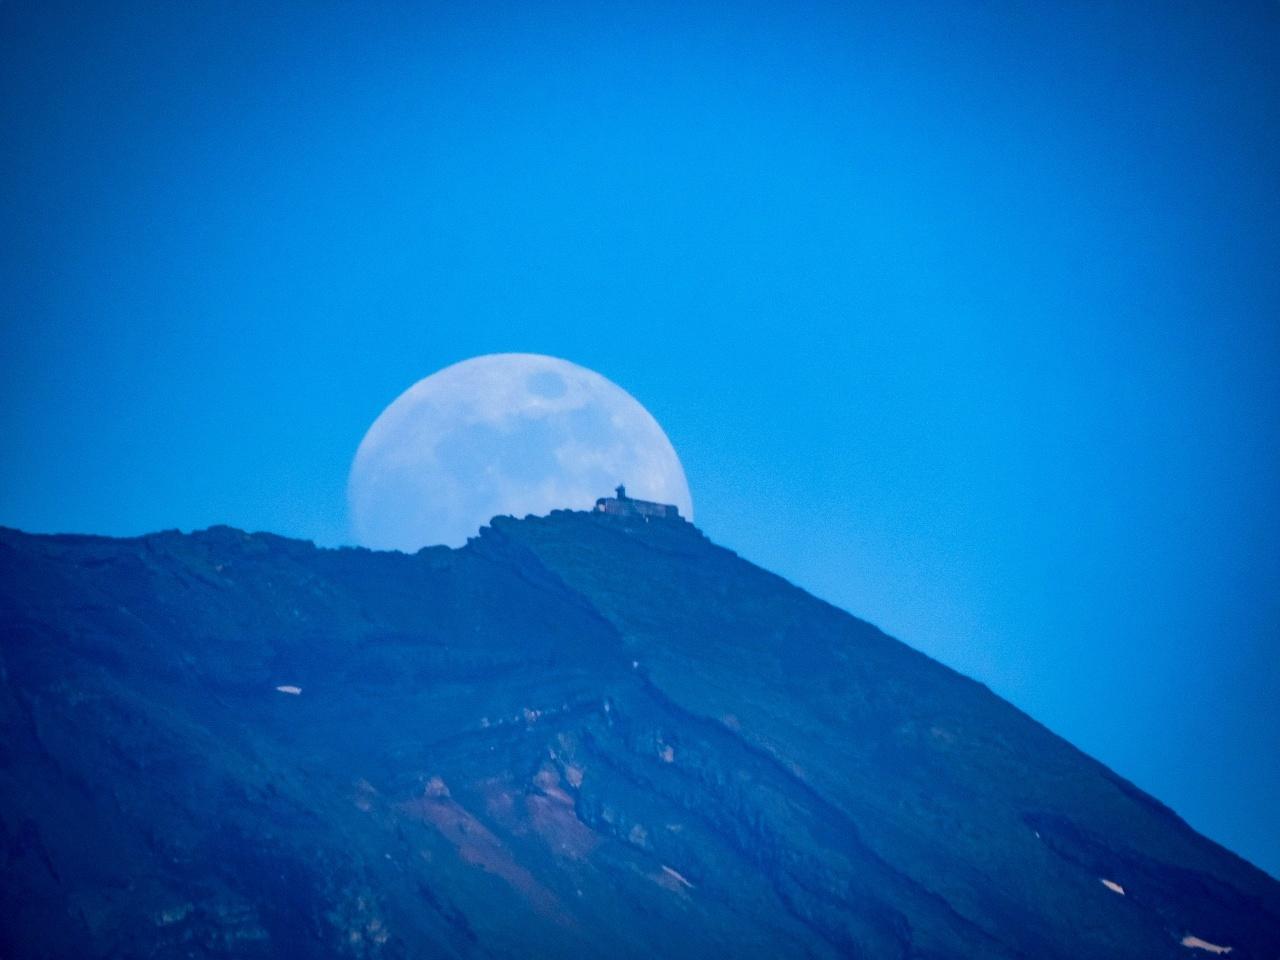 2020.7.2梅雨の晴れ間のパール富士(朝霧高原)_e0321032_19205442.jpg